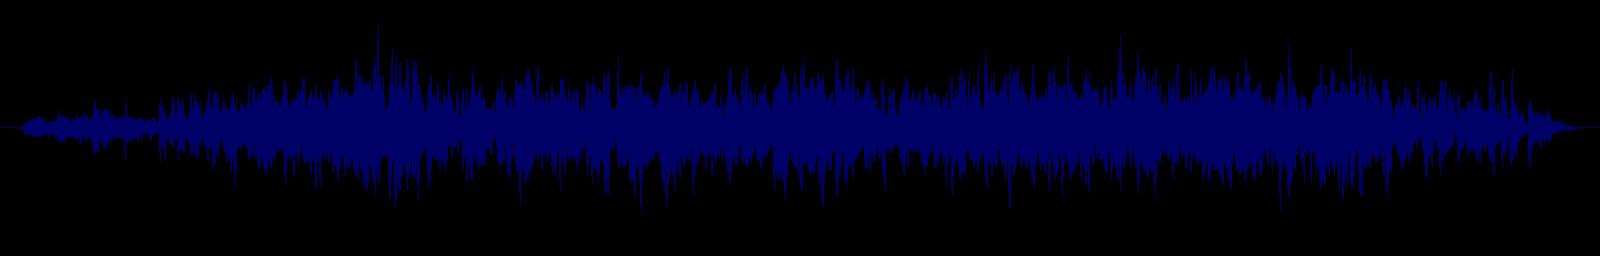 waveform of track #135154